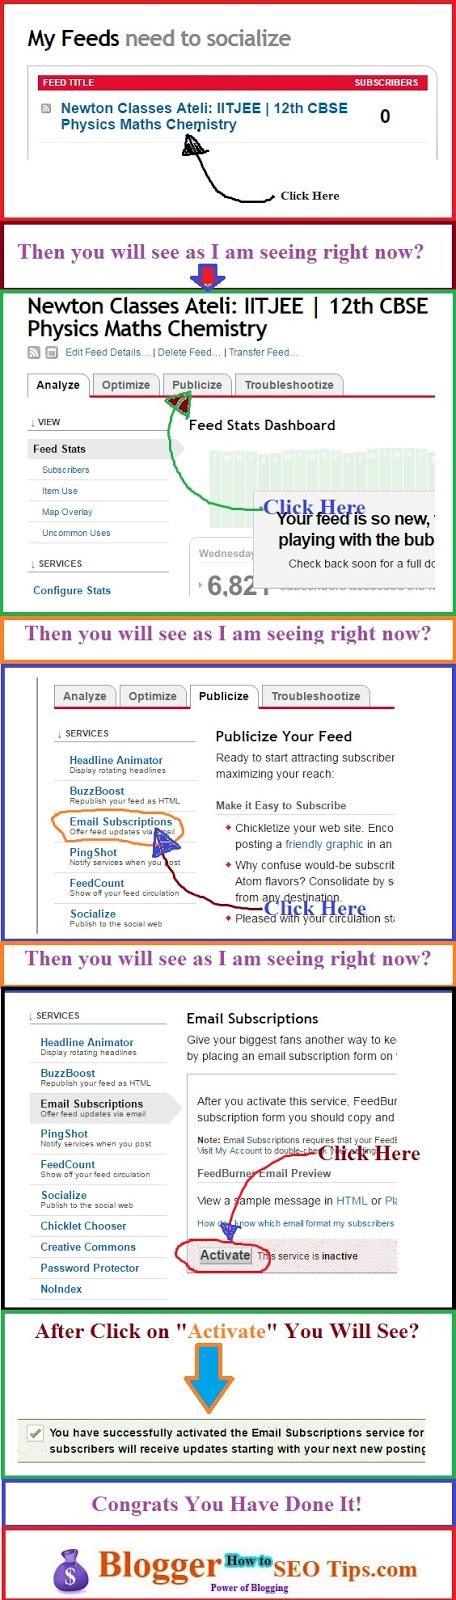 FeedBurner, Feedburner Subscribers List